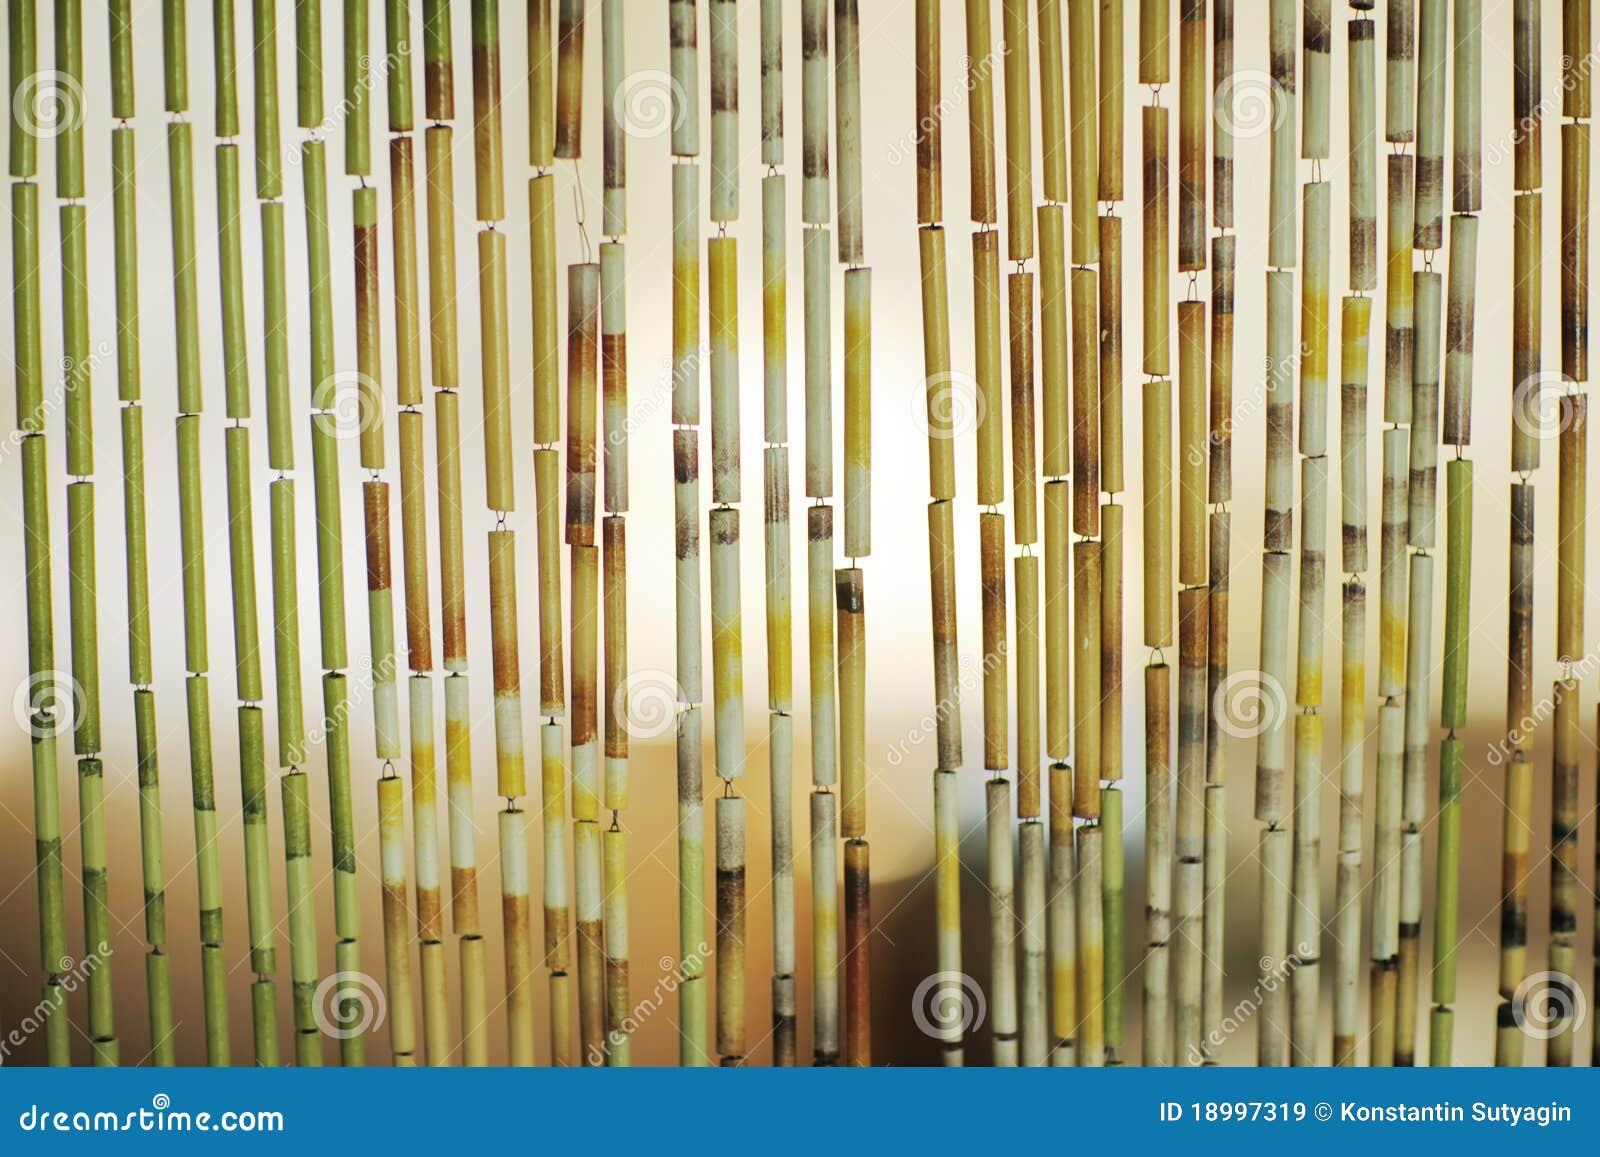 Priorit bassa della tenda di bamb immagini stock libere - Tende in bambu per esterni obi ...